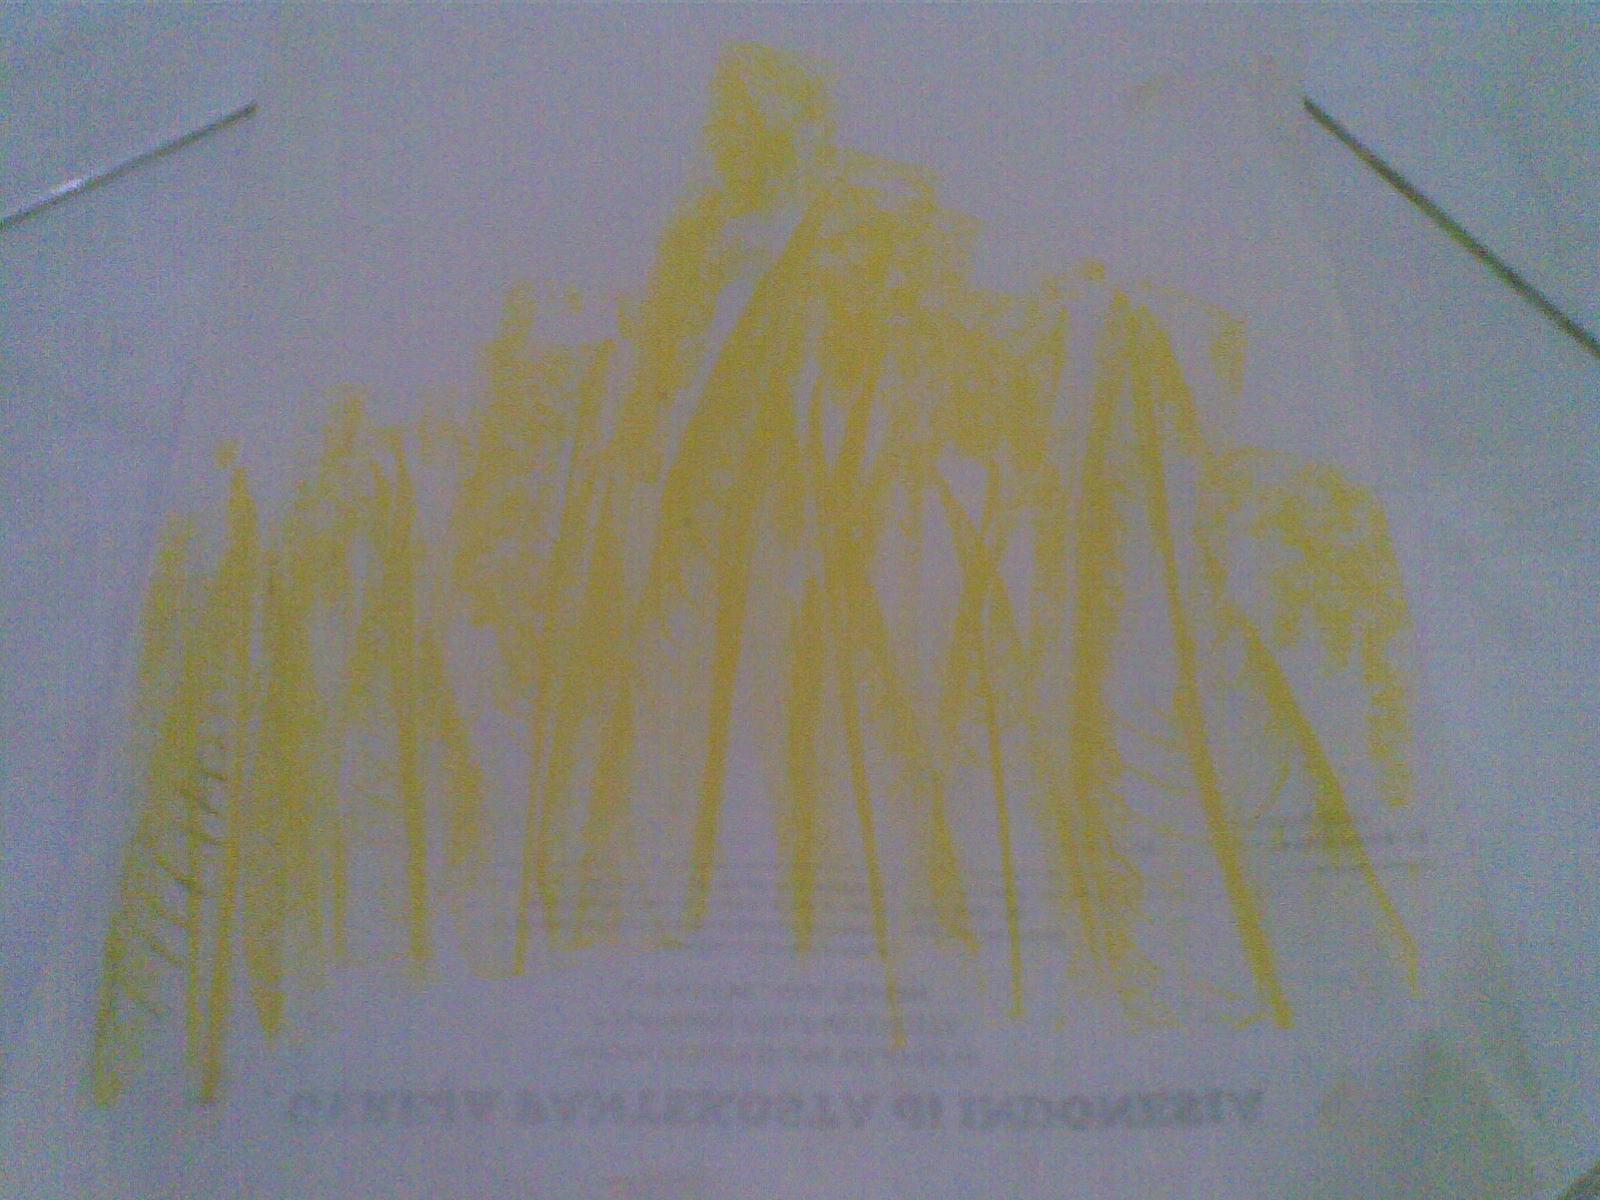 Jiplak dgn warna kuning hanya bagian bawah saja